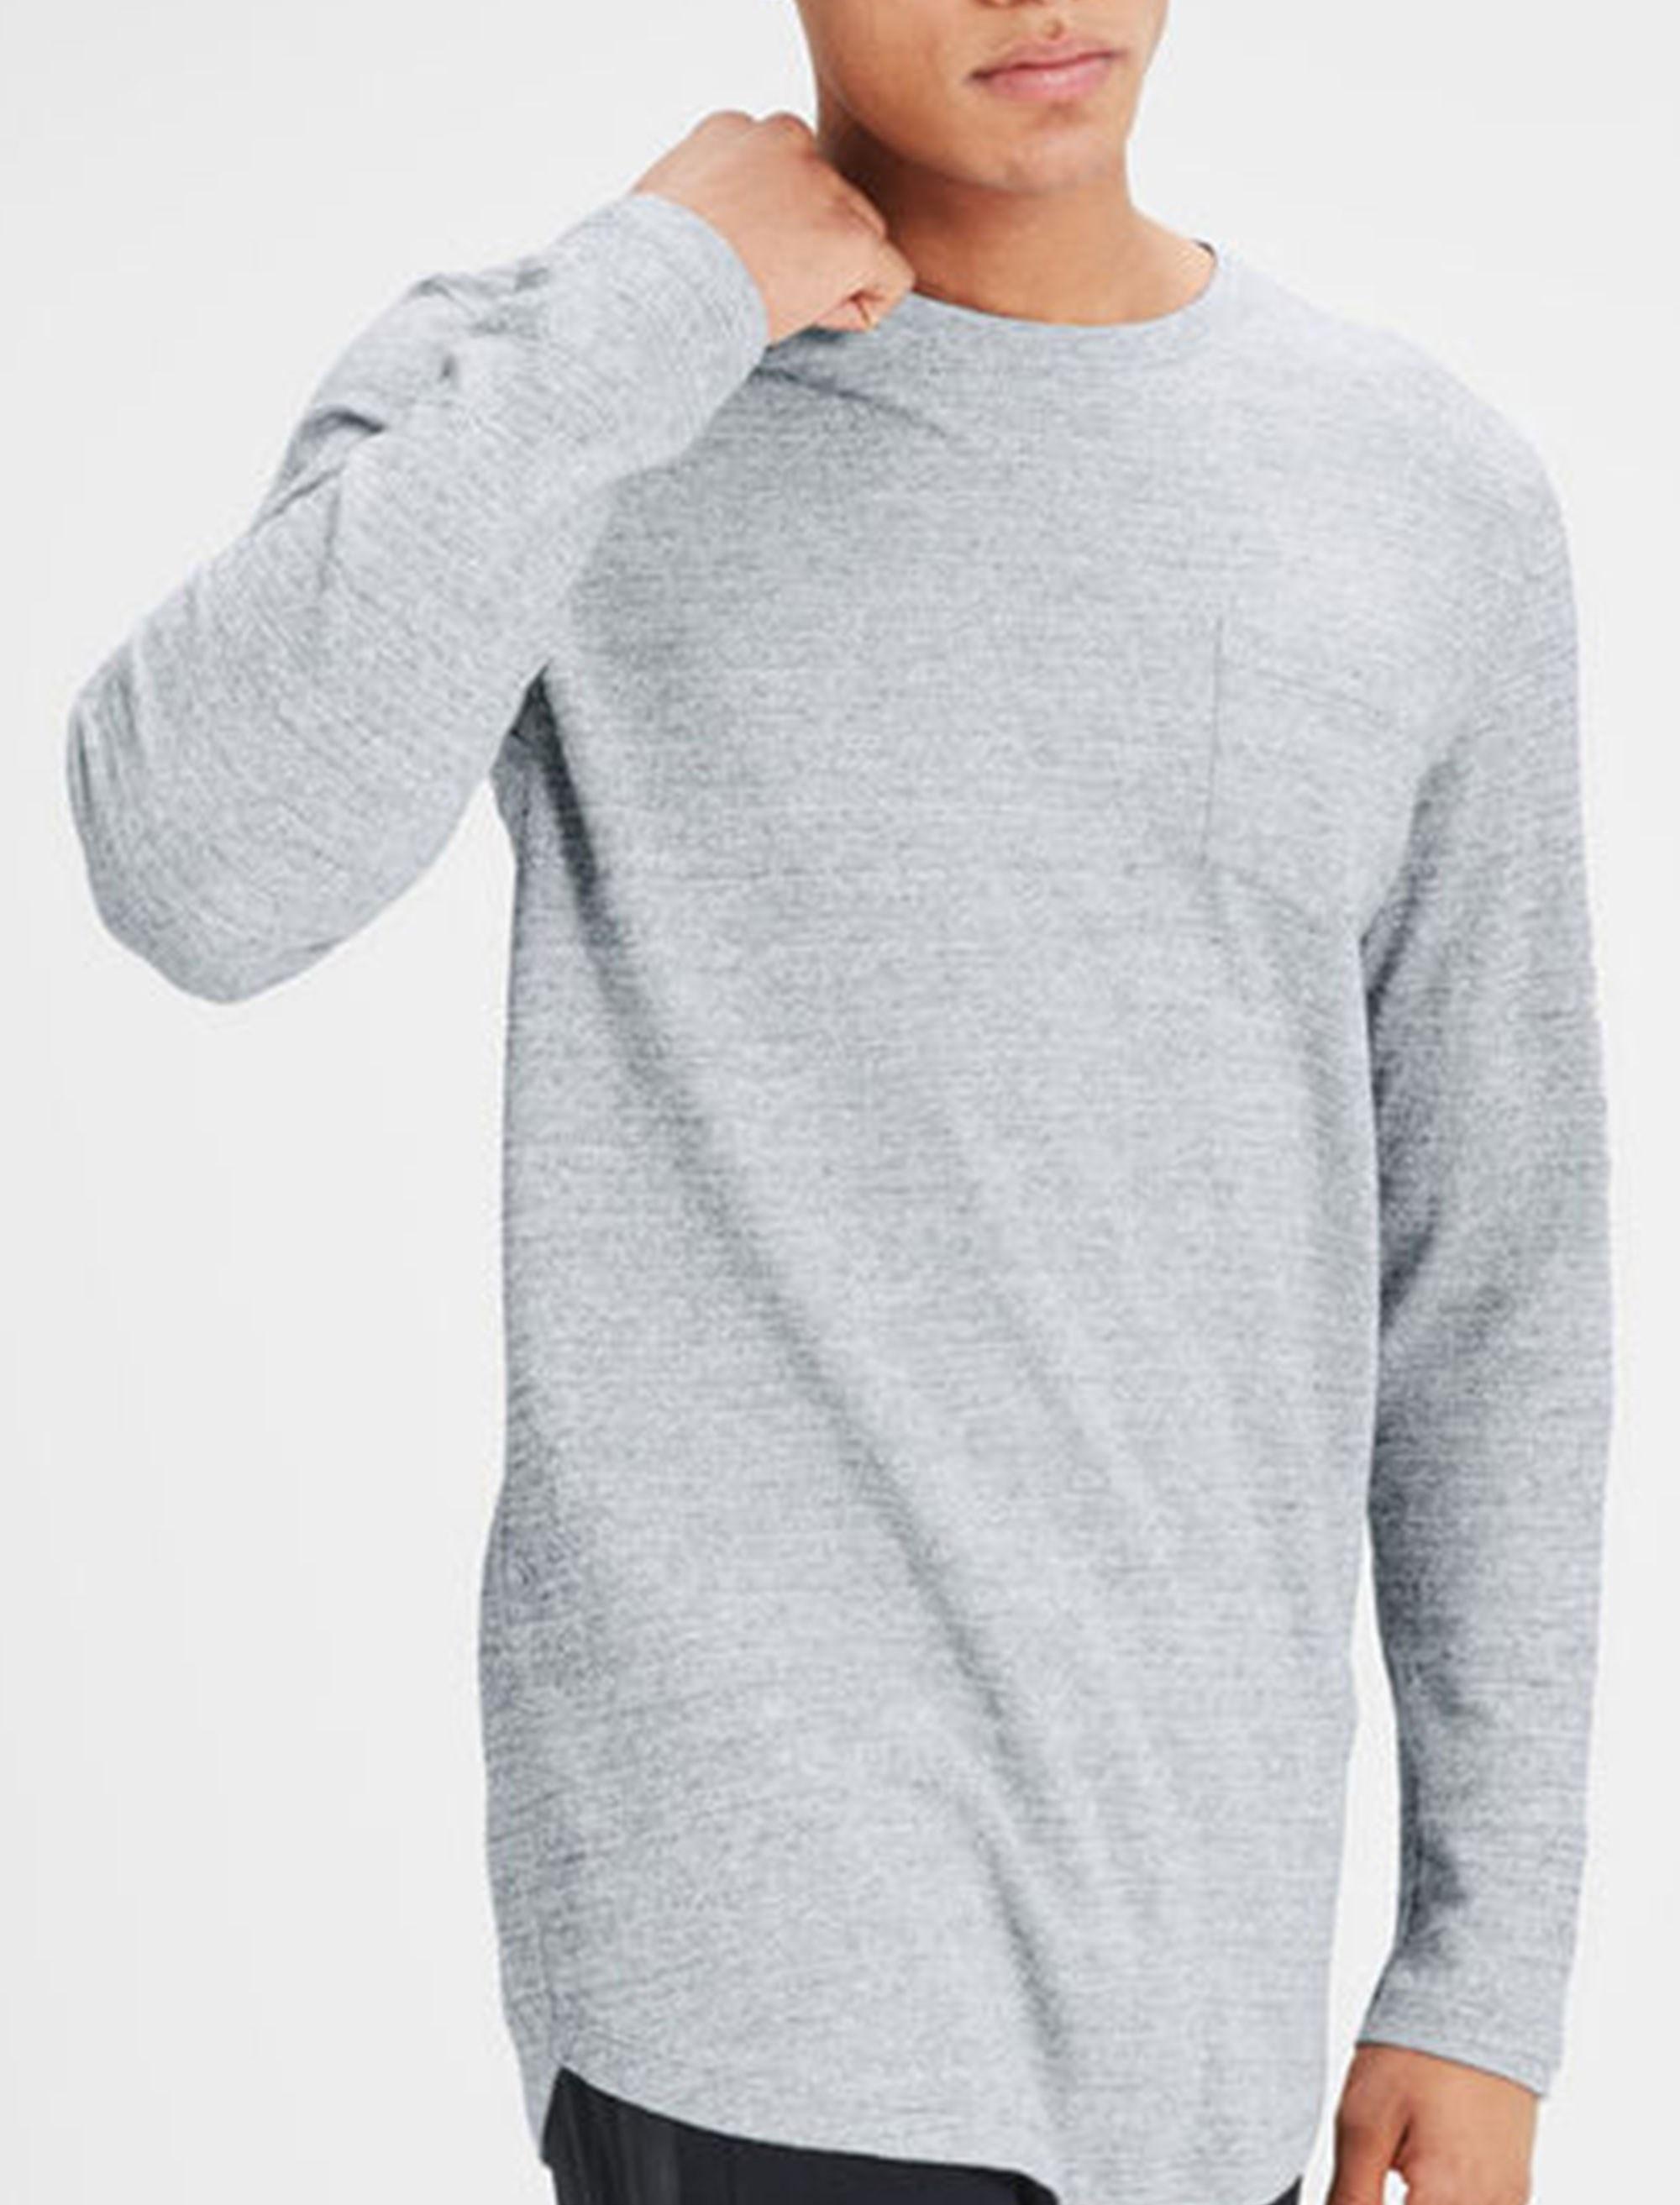 تی شرت نخی آستین بلند مردانه - جک اند جونز - طوسي - 3